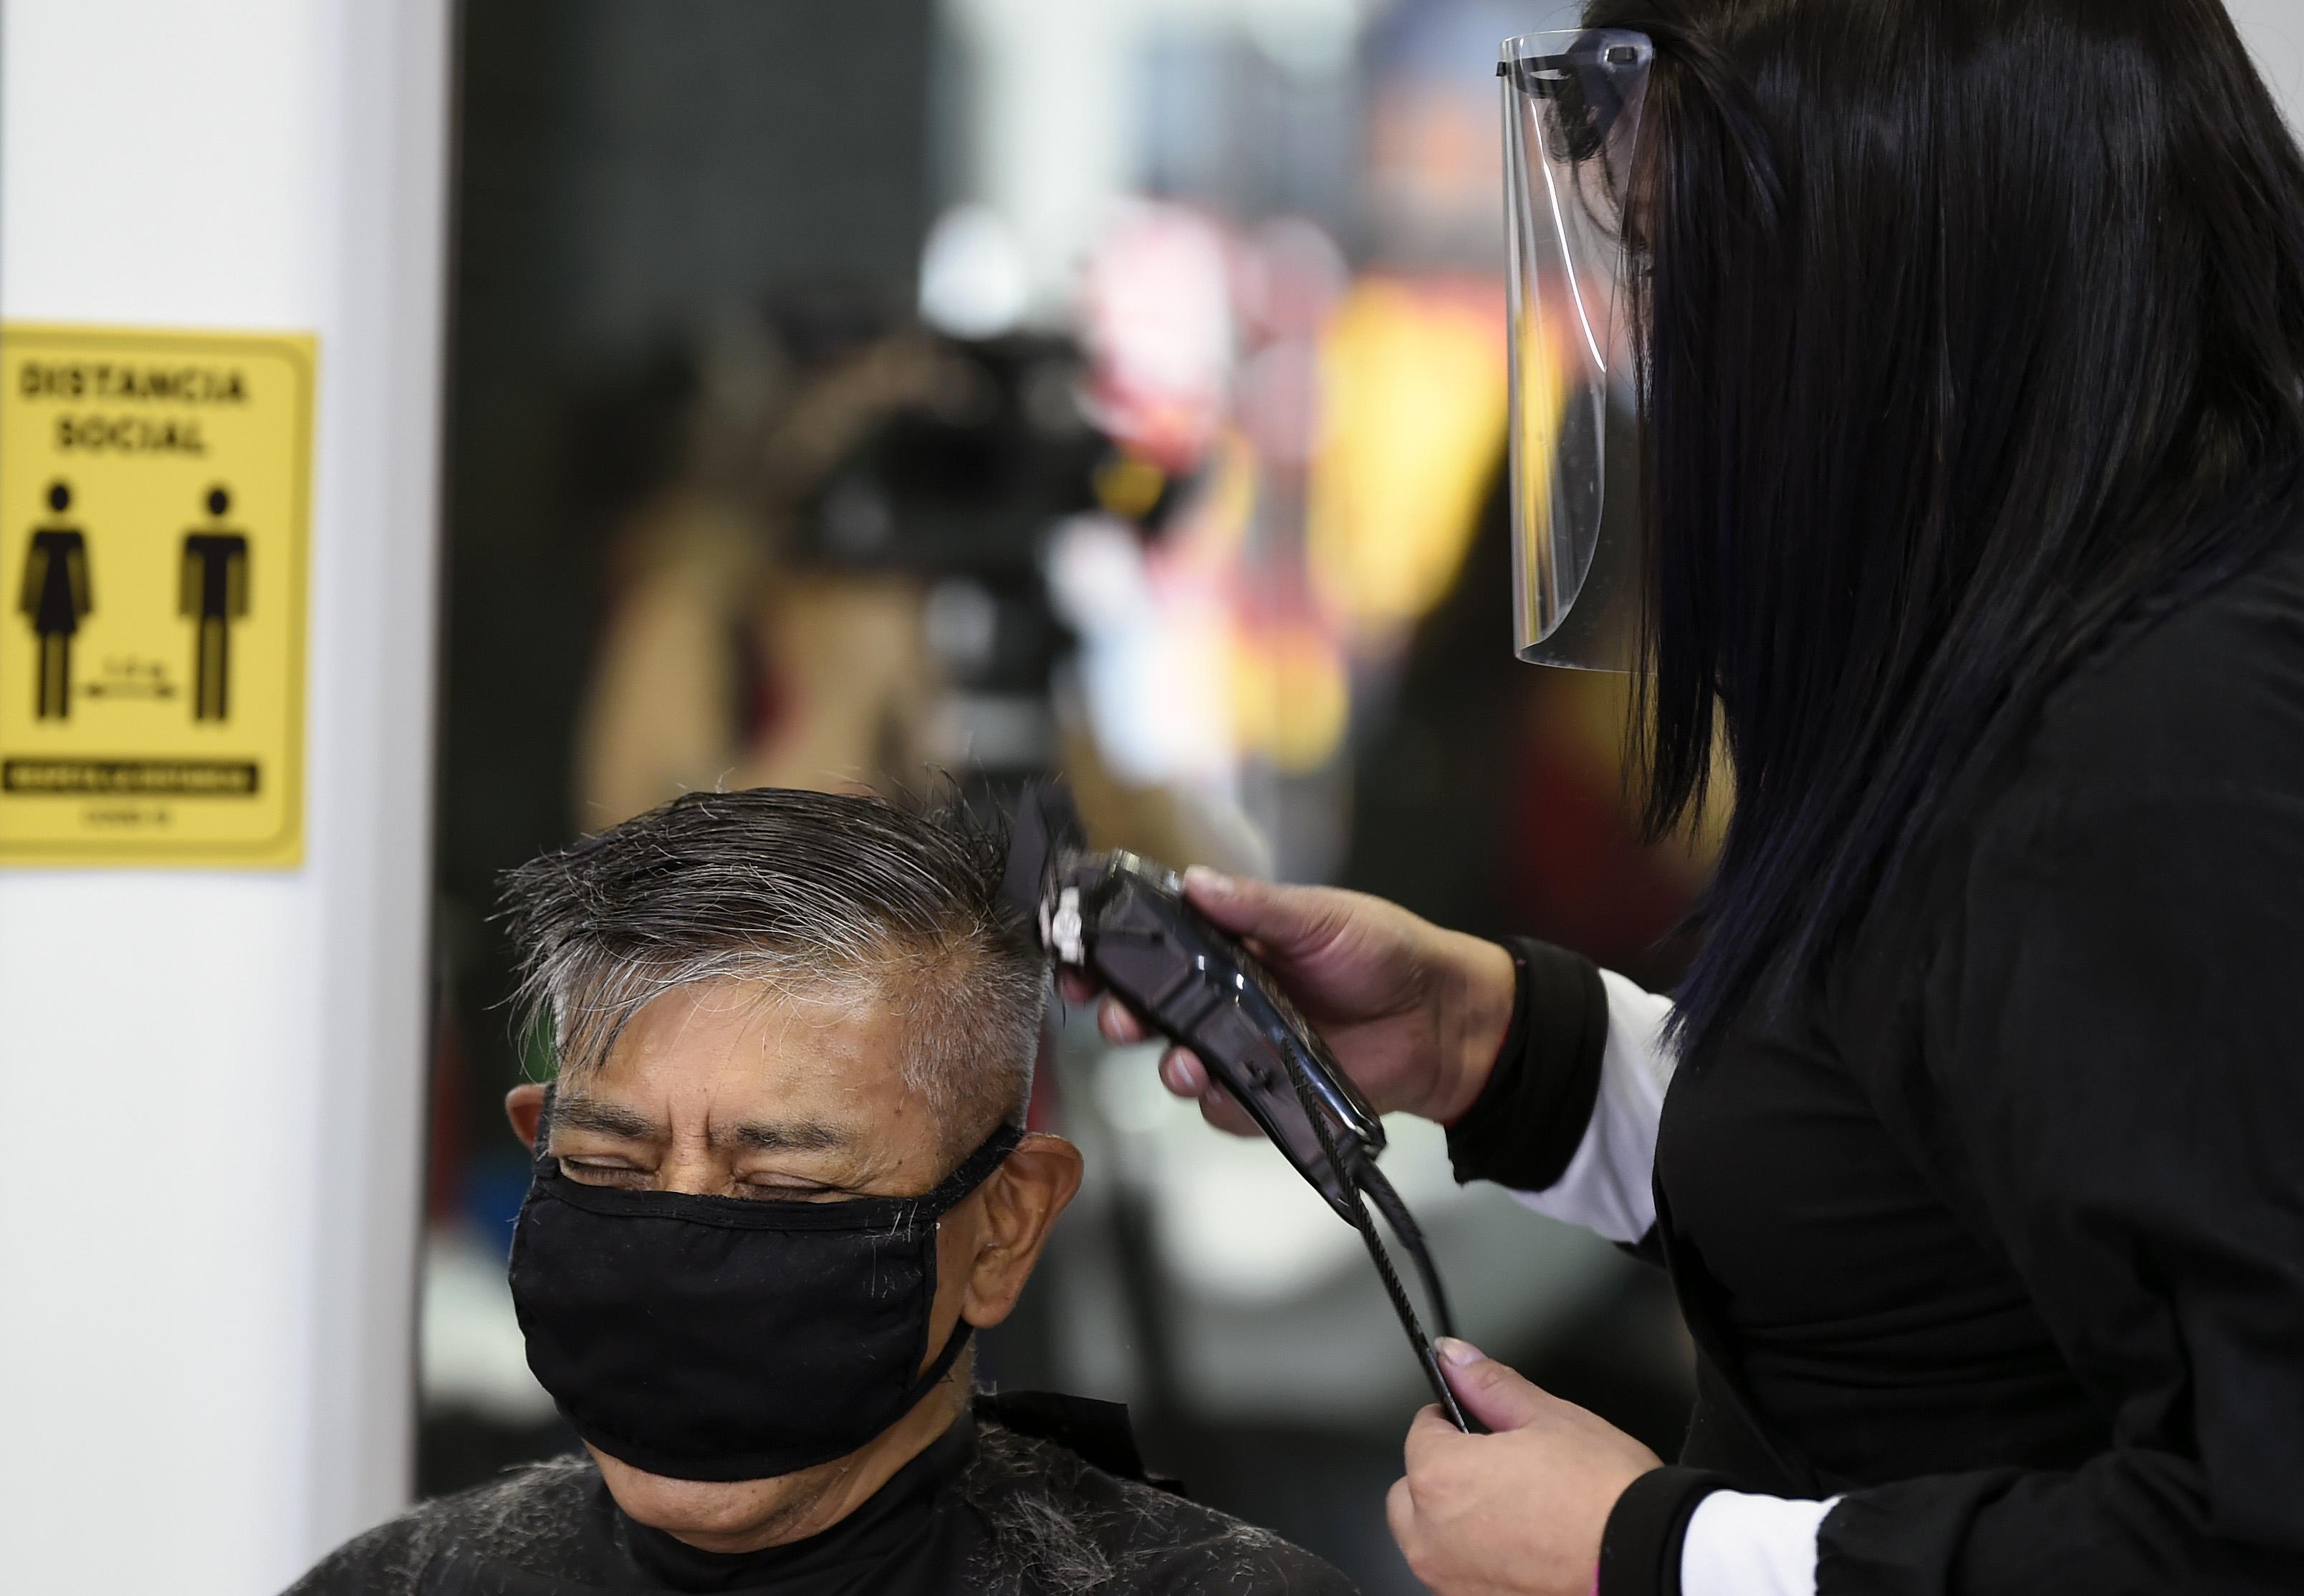 Un cliente se corta el pelo en un salón de belleza, durante la pandemia COVID-19, en la Ciudad de México el 29 de junio de 2020. (Foto: ALFREDO ESTRELLA / AFP)